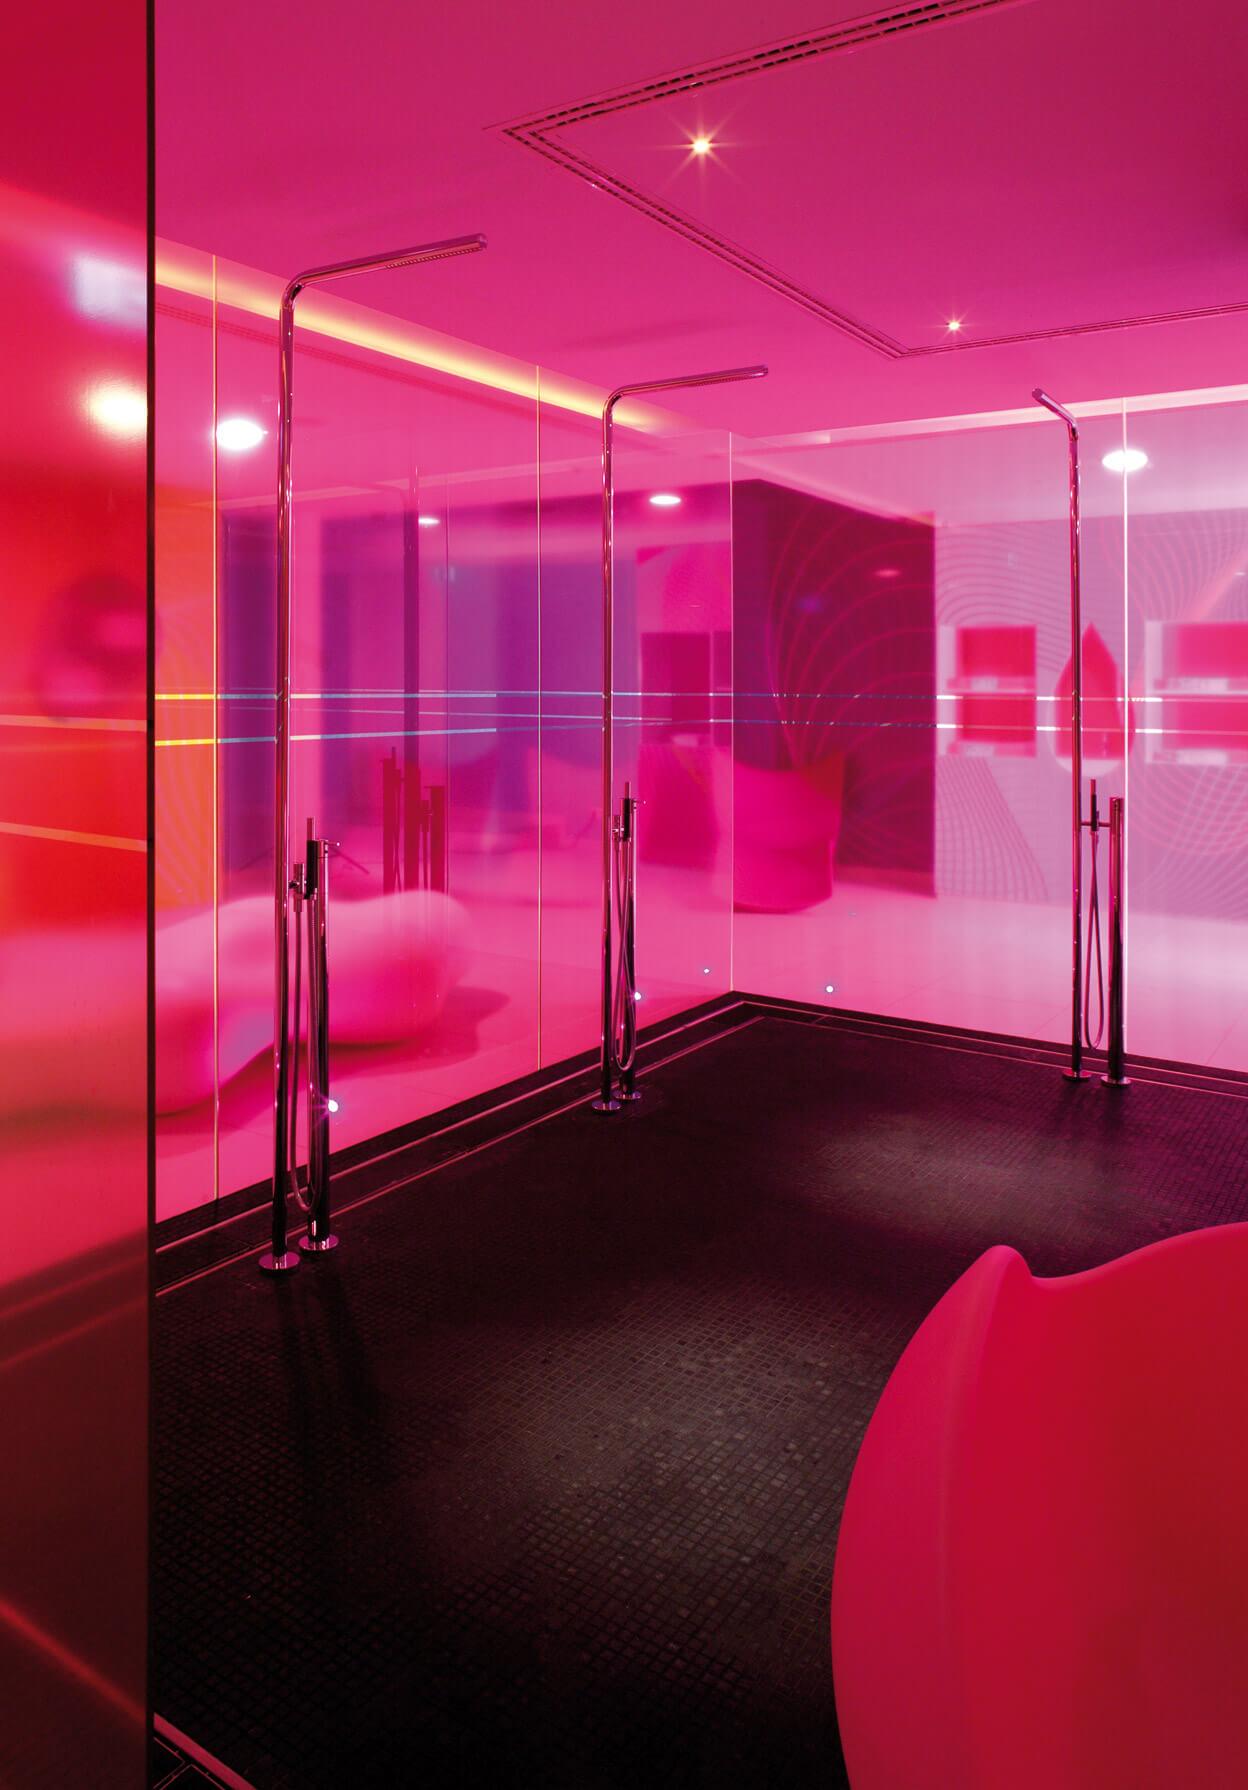 Pantone Trendfarbe 2019 DESIGNER KARIM RASHID mit Vola Standbrause in der Dusche für NHOW HOTEL in BERLIN